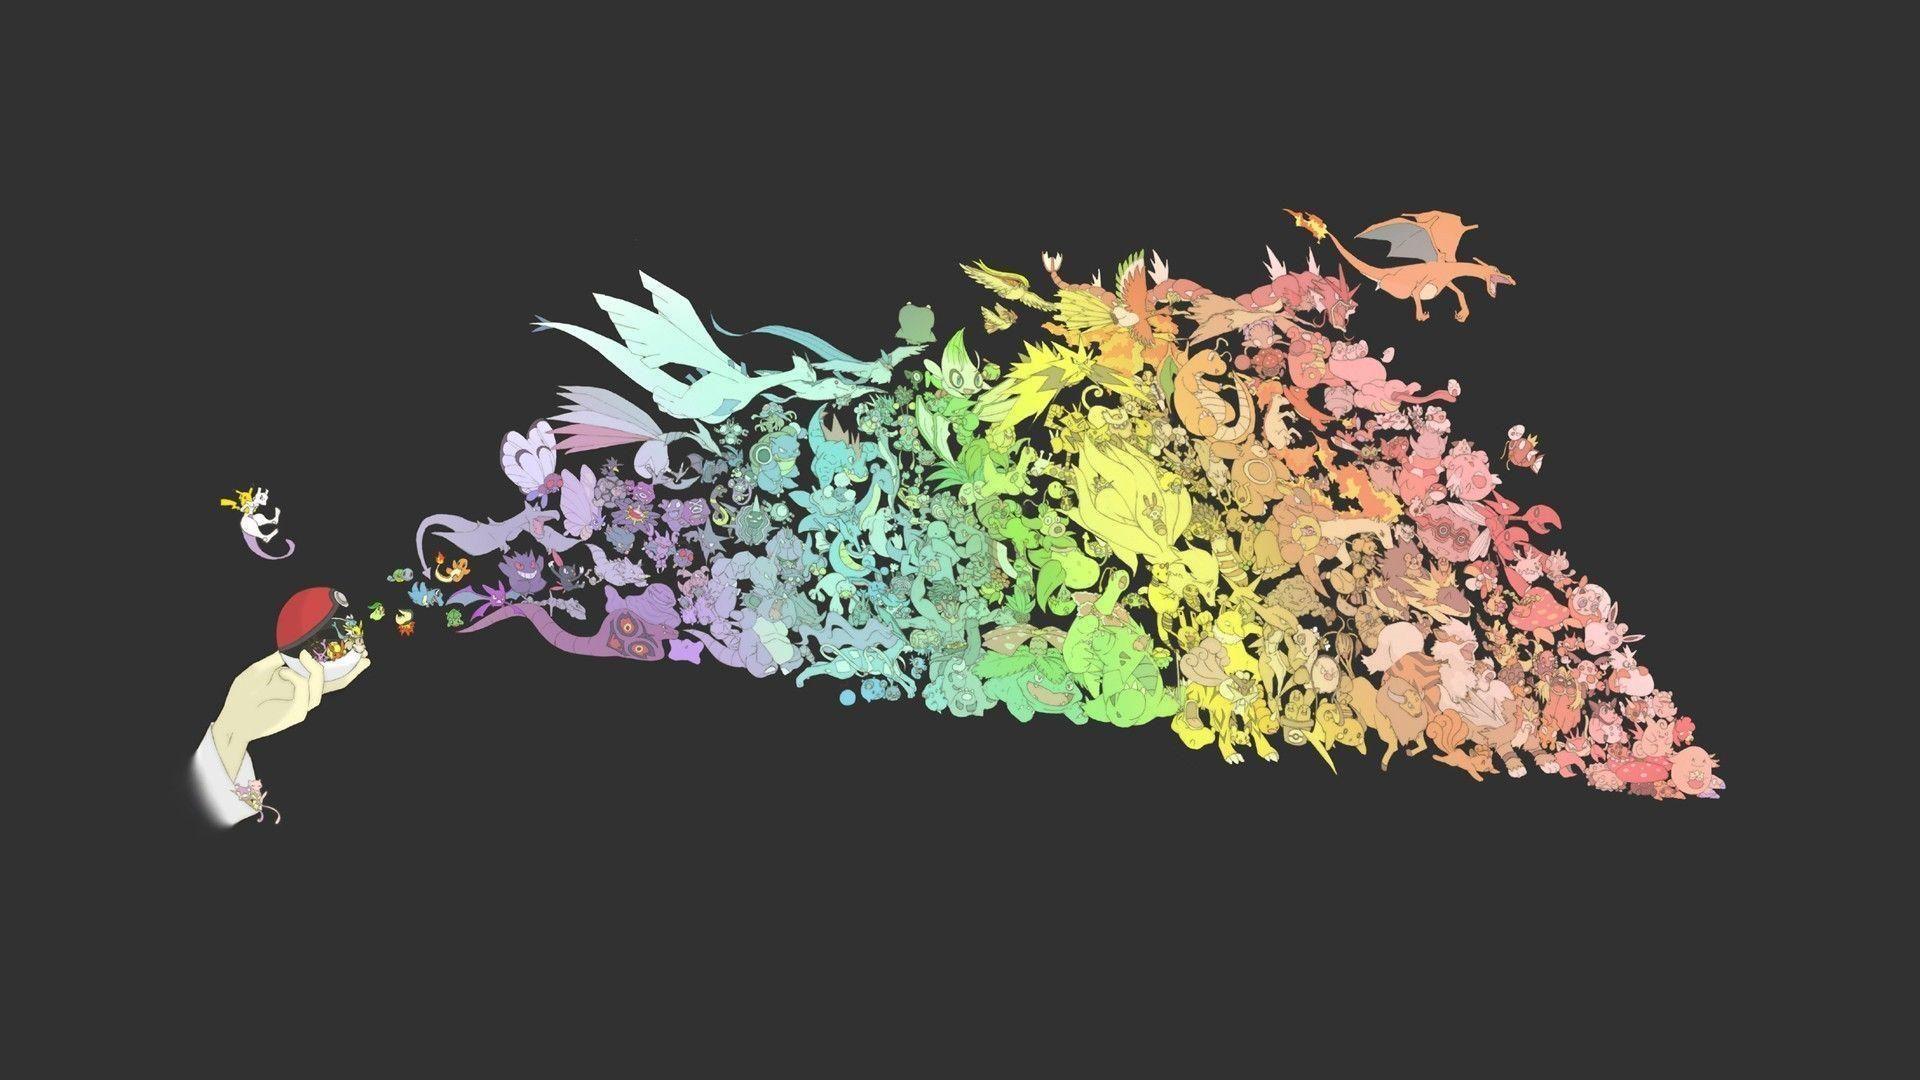 Anime Epic Pokemon Wallpaper 1080x1920px Pokemon Wallpaper